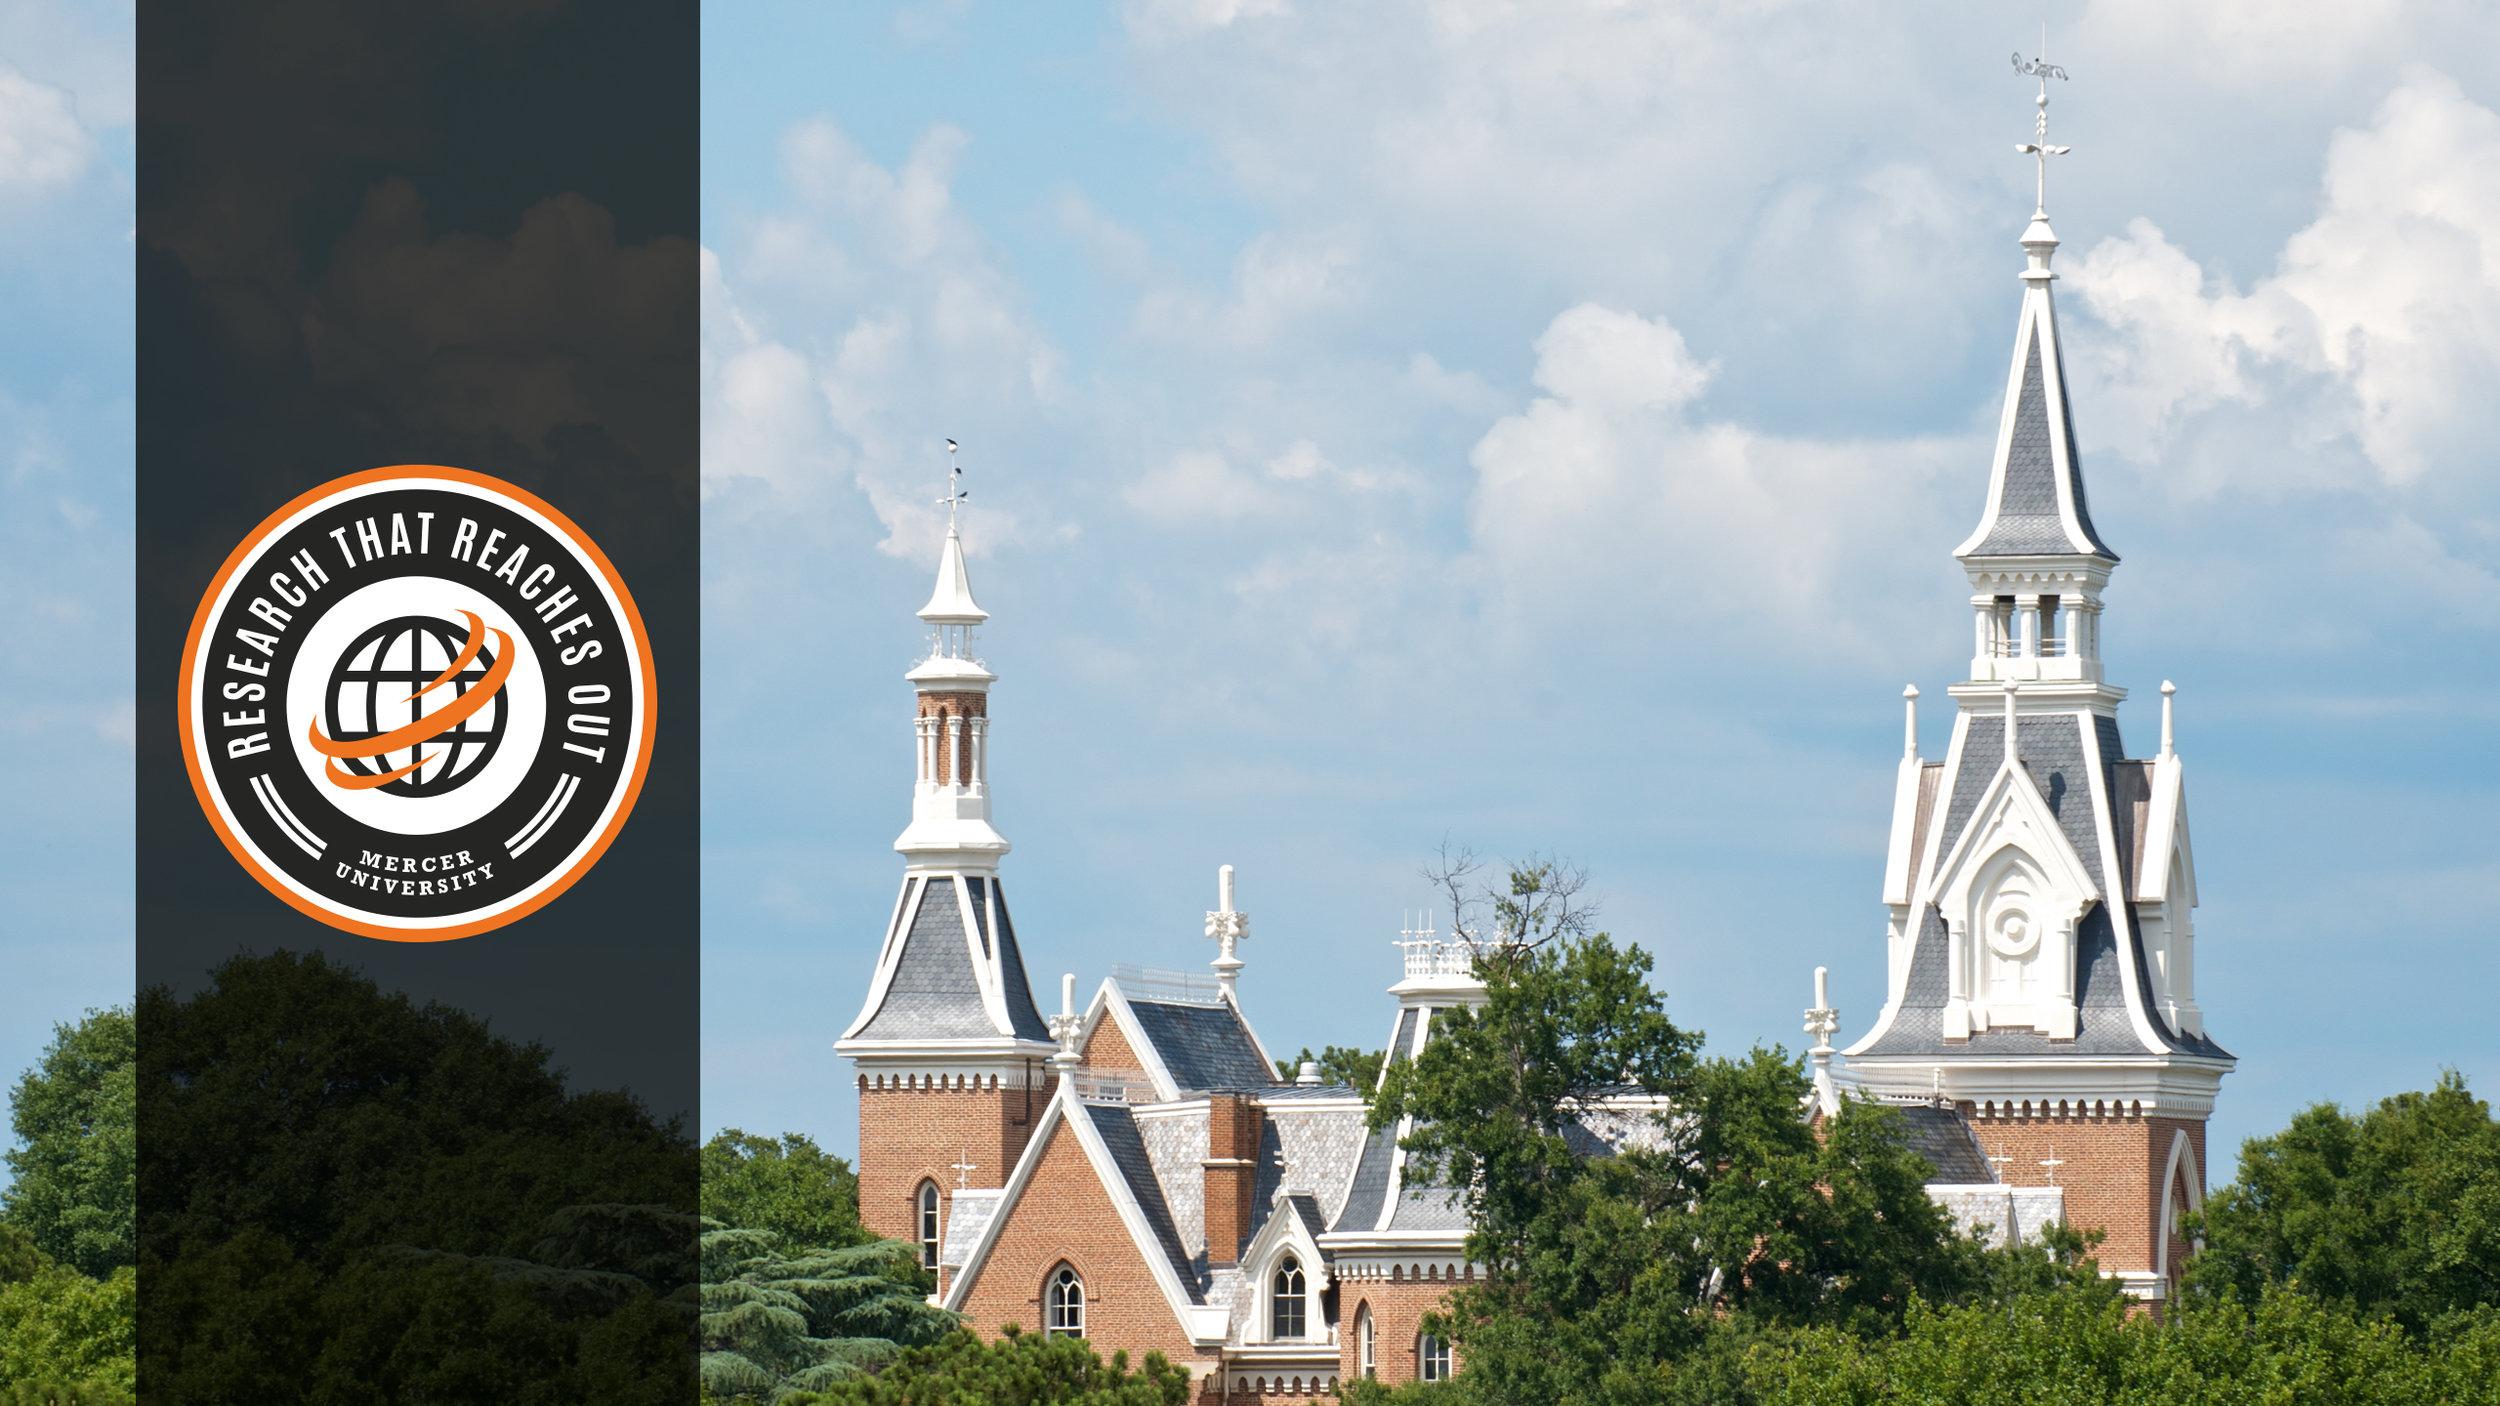 qepwallpaper-campus-spires.jpg